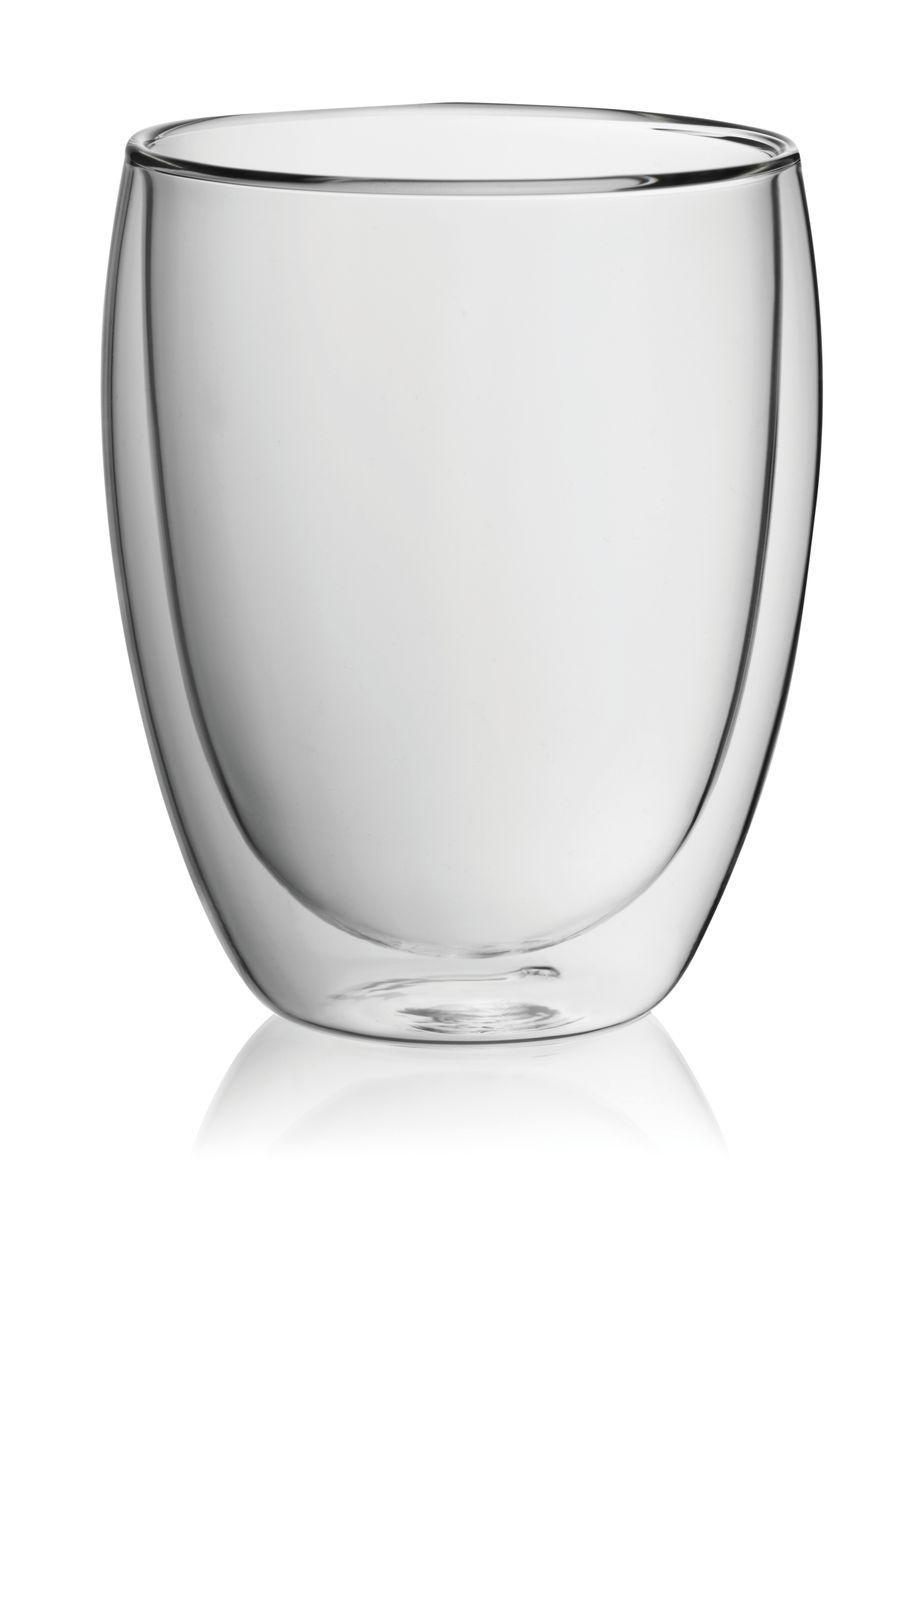 Kela Keuken Glas Latte Macchiato Set van 2 Stuks Cortona